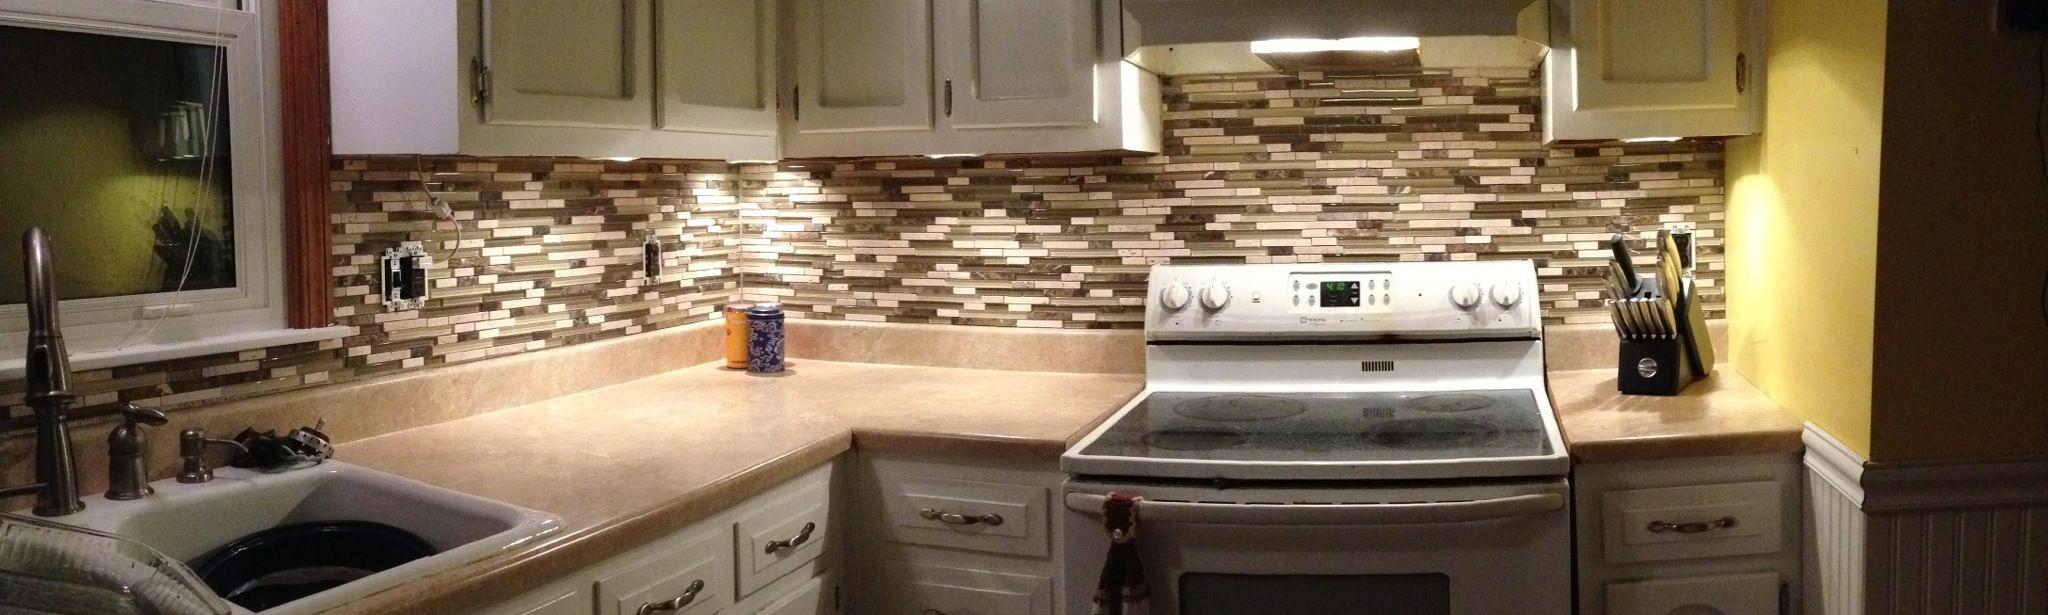 Granite Countertops Costco : ... Costco. Home Improvement Ideas Pinterest Costco, Mosaic Tiles